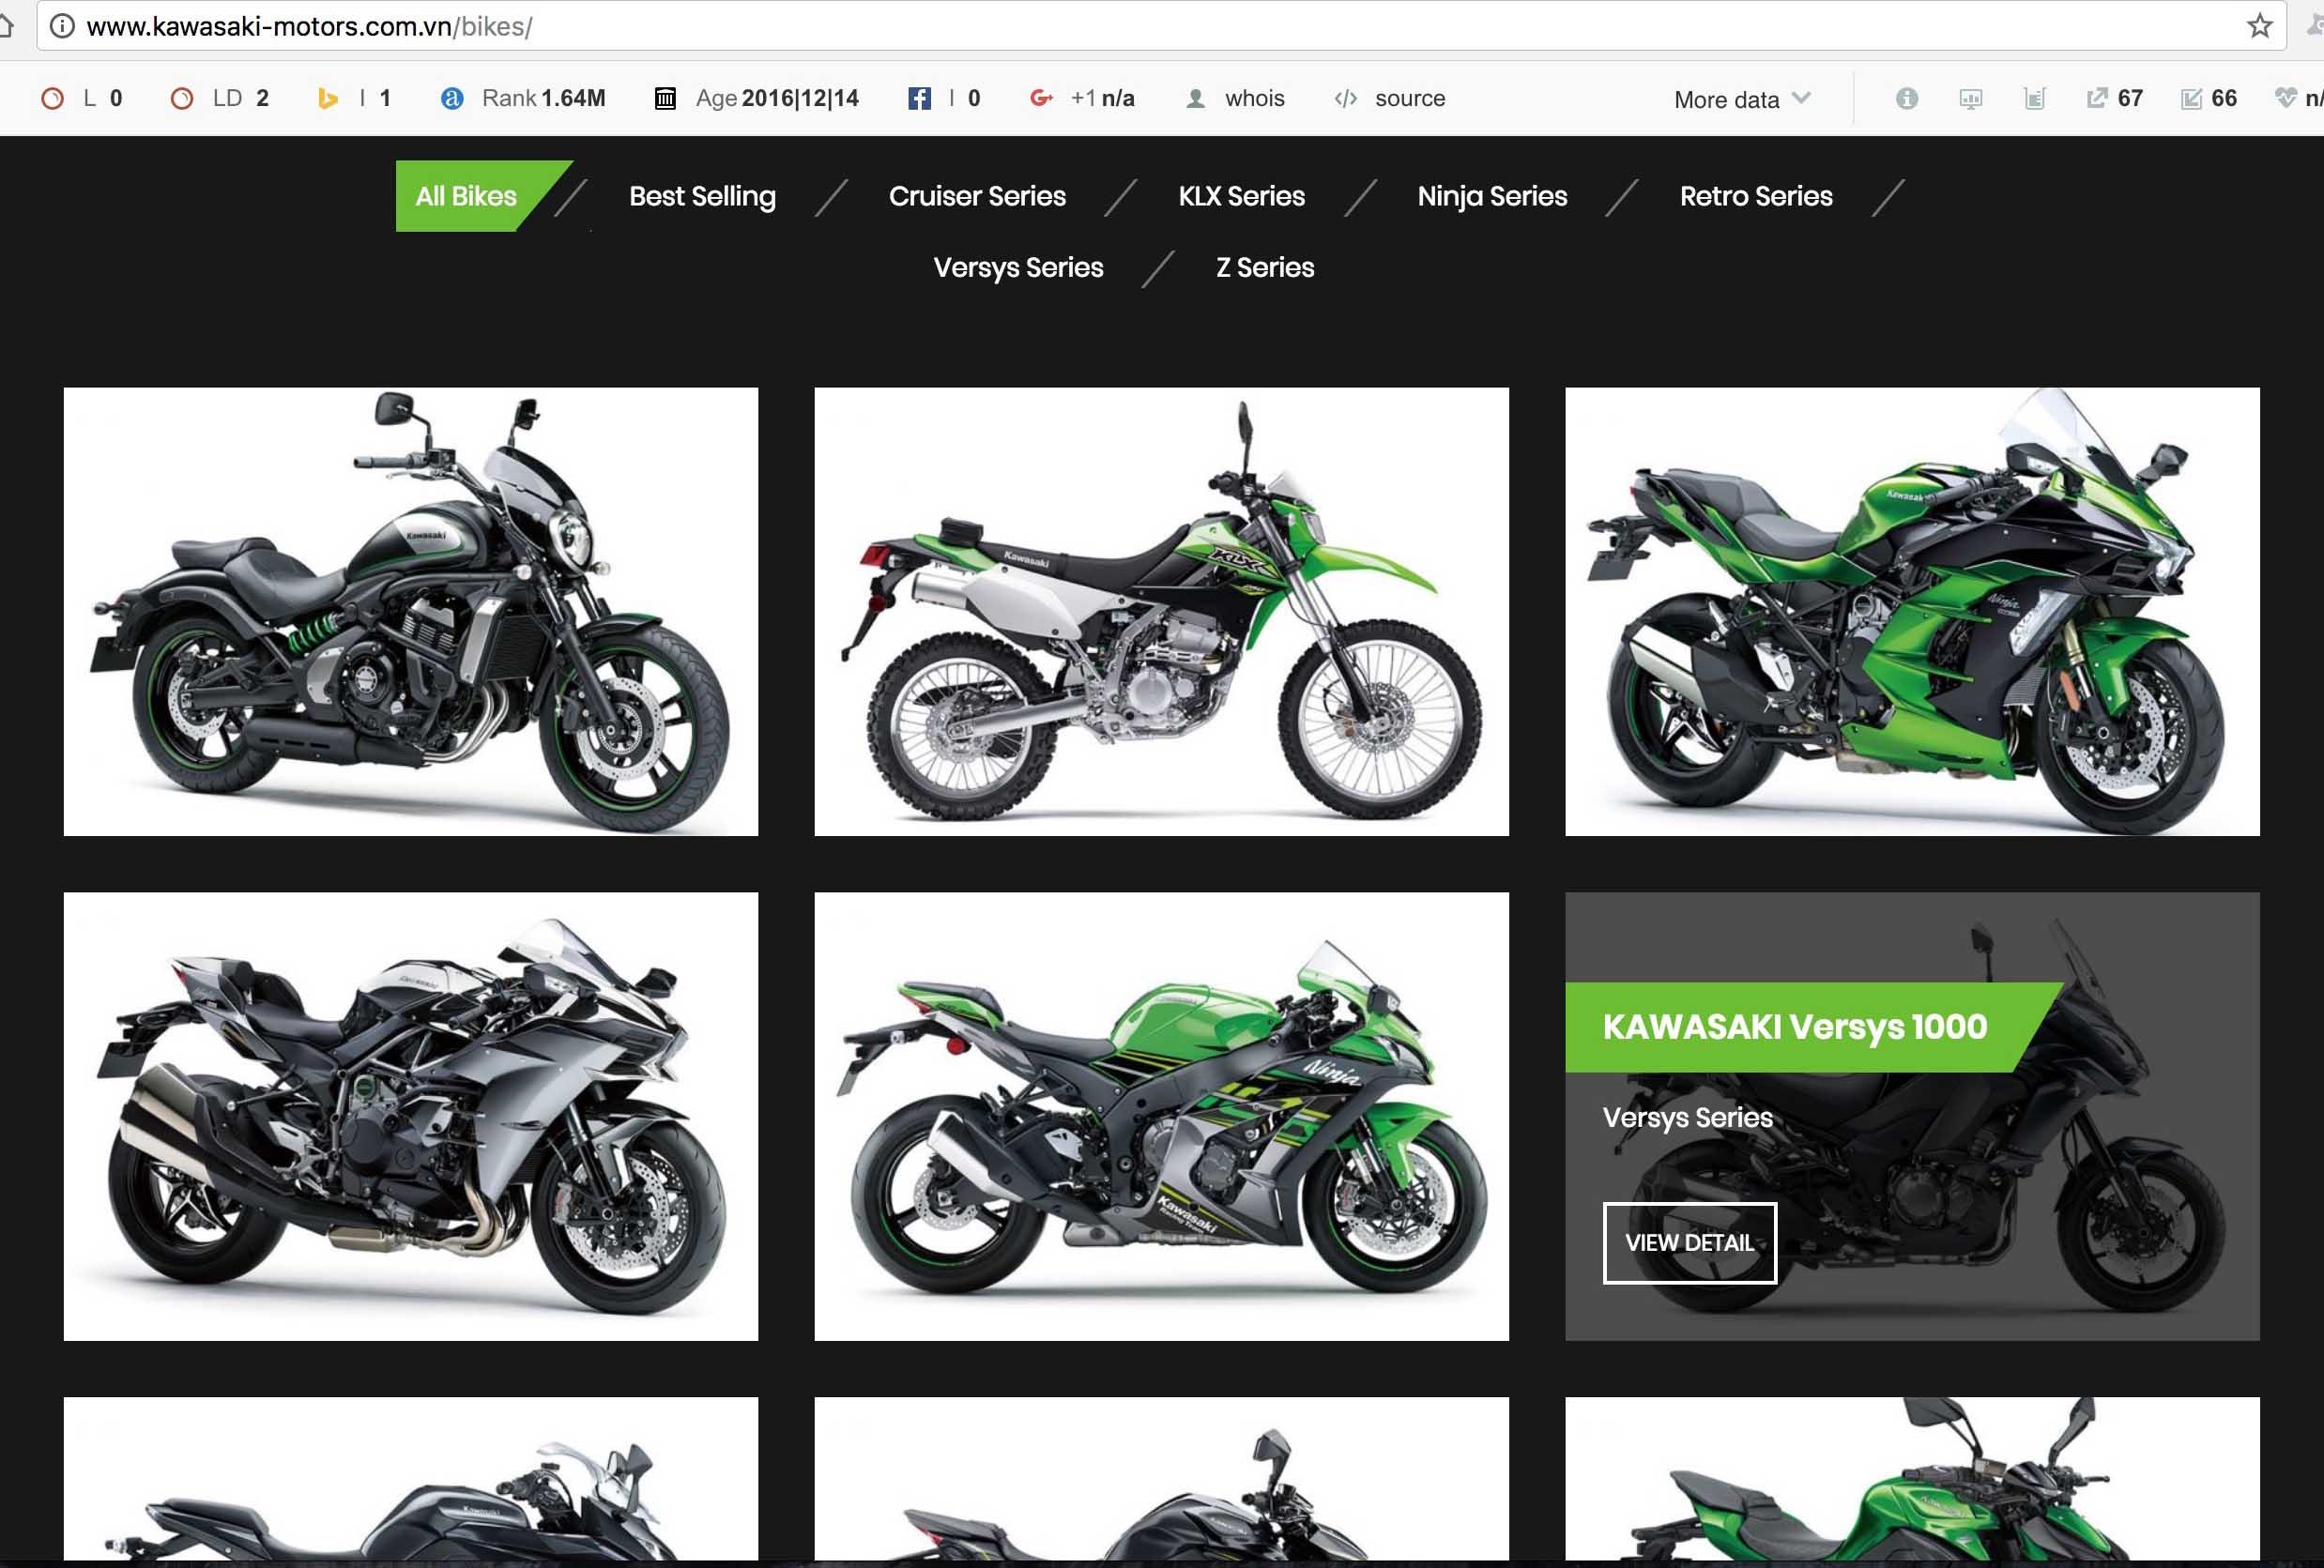 Giá xe Kawasaki Ninja H2 SX chính hãng sắp được công bố